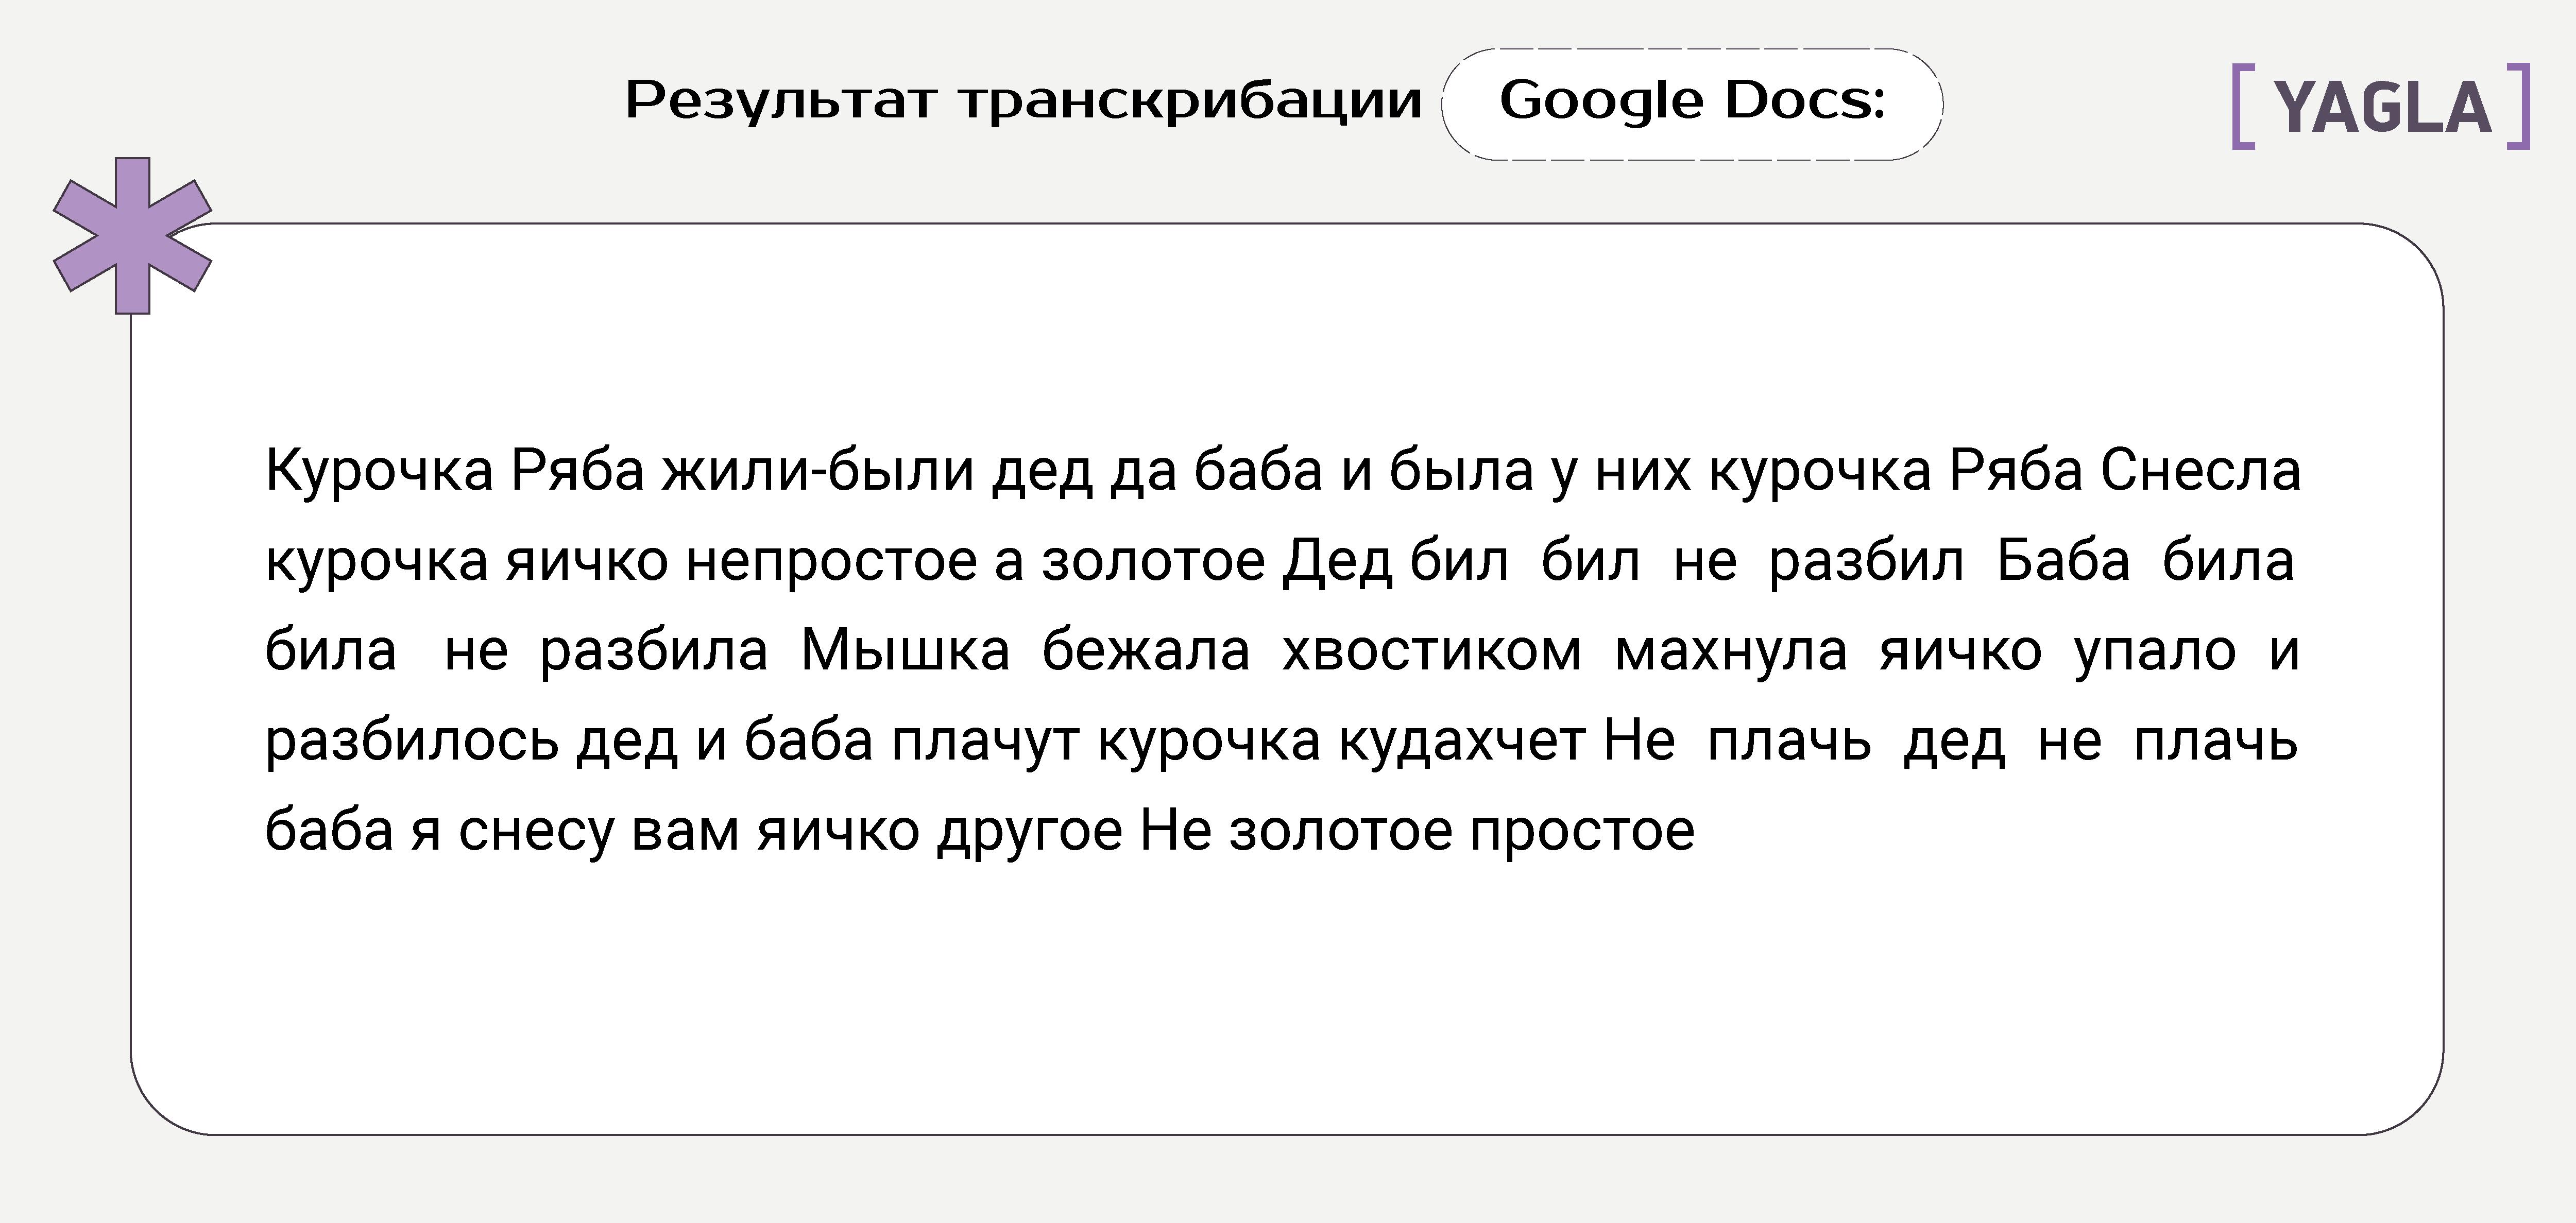 Результат расшифровки в Google Docs